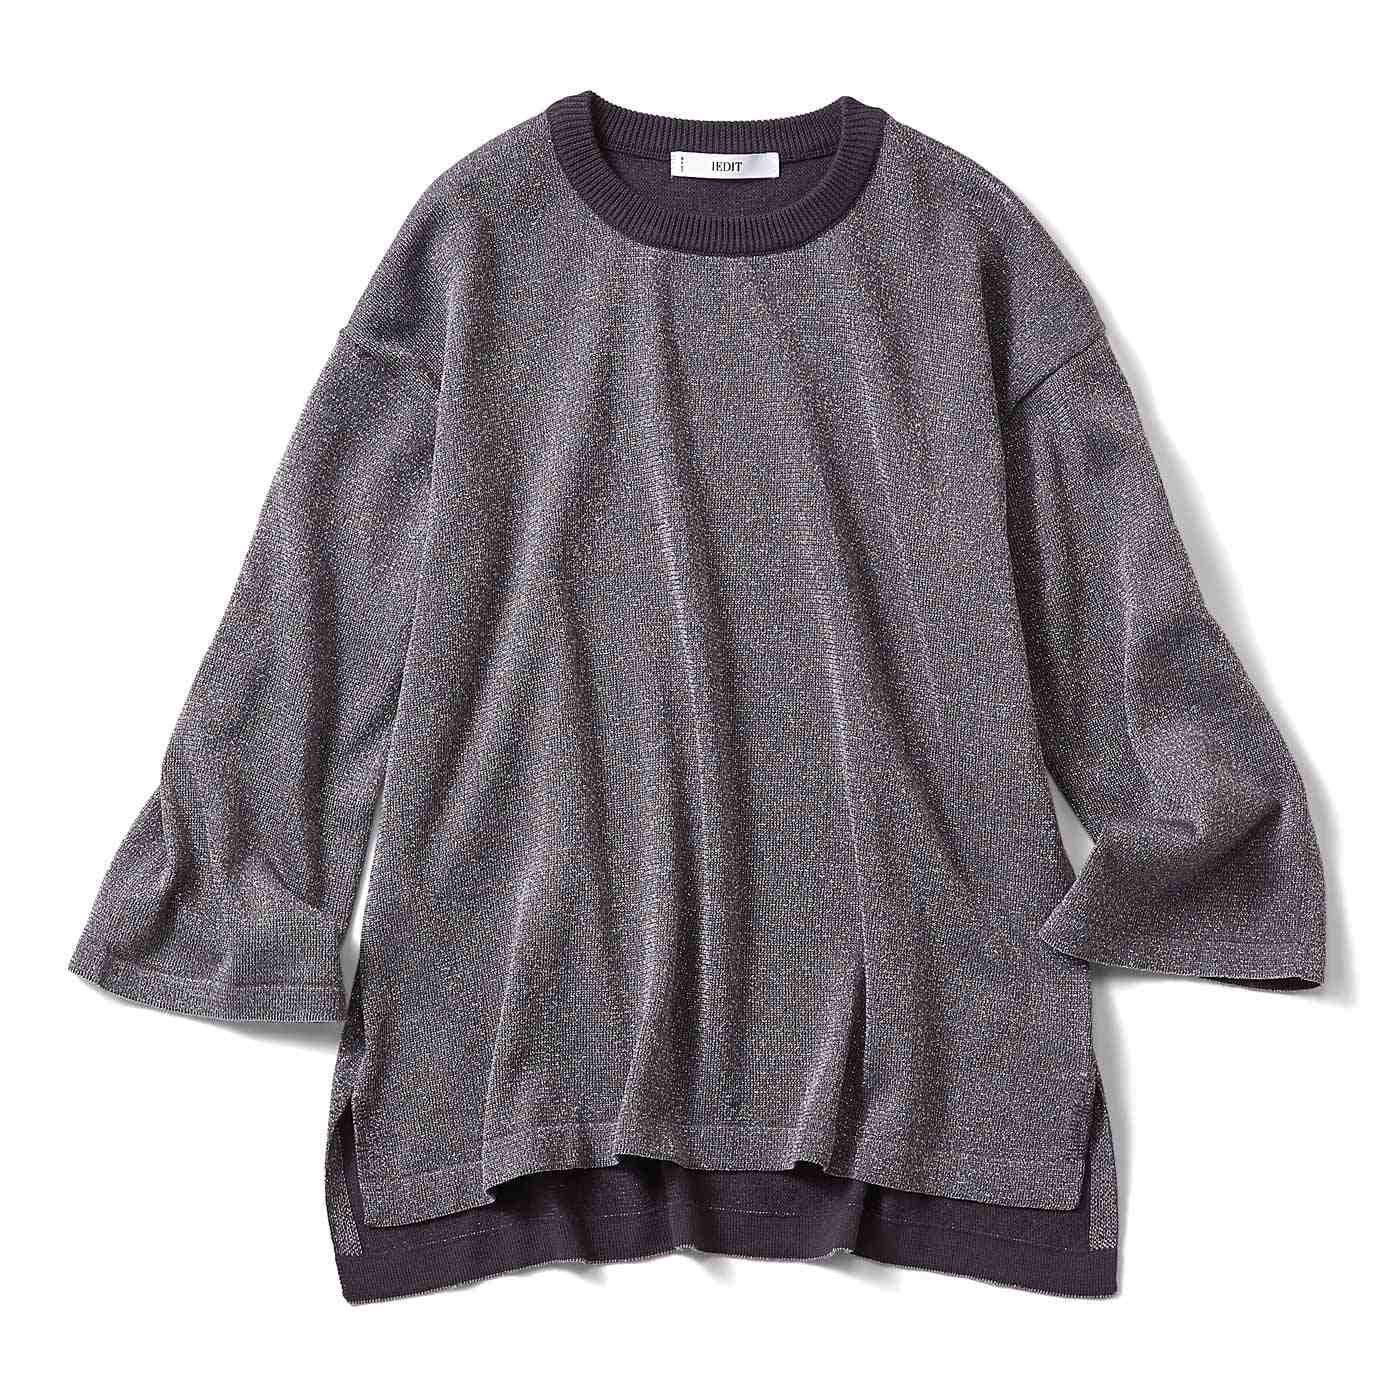 IEDIT ドロップショルダーのラメ混ニットTシャツ〈シルバー〉